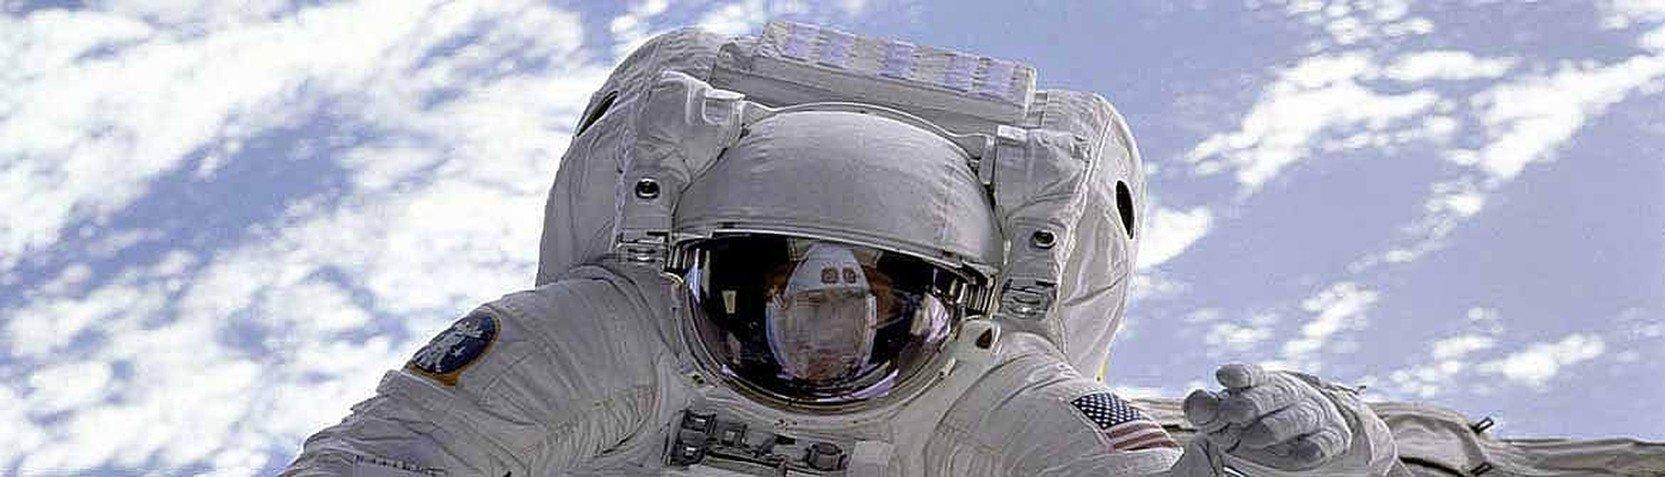 Fotografie - Weltraumfotografie